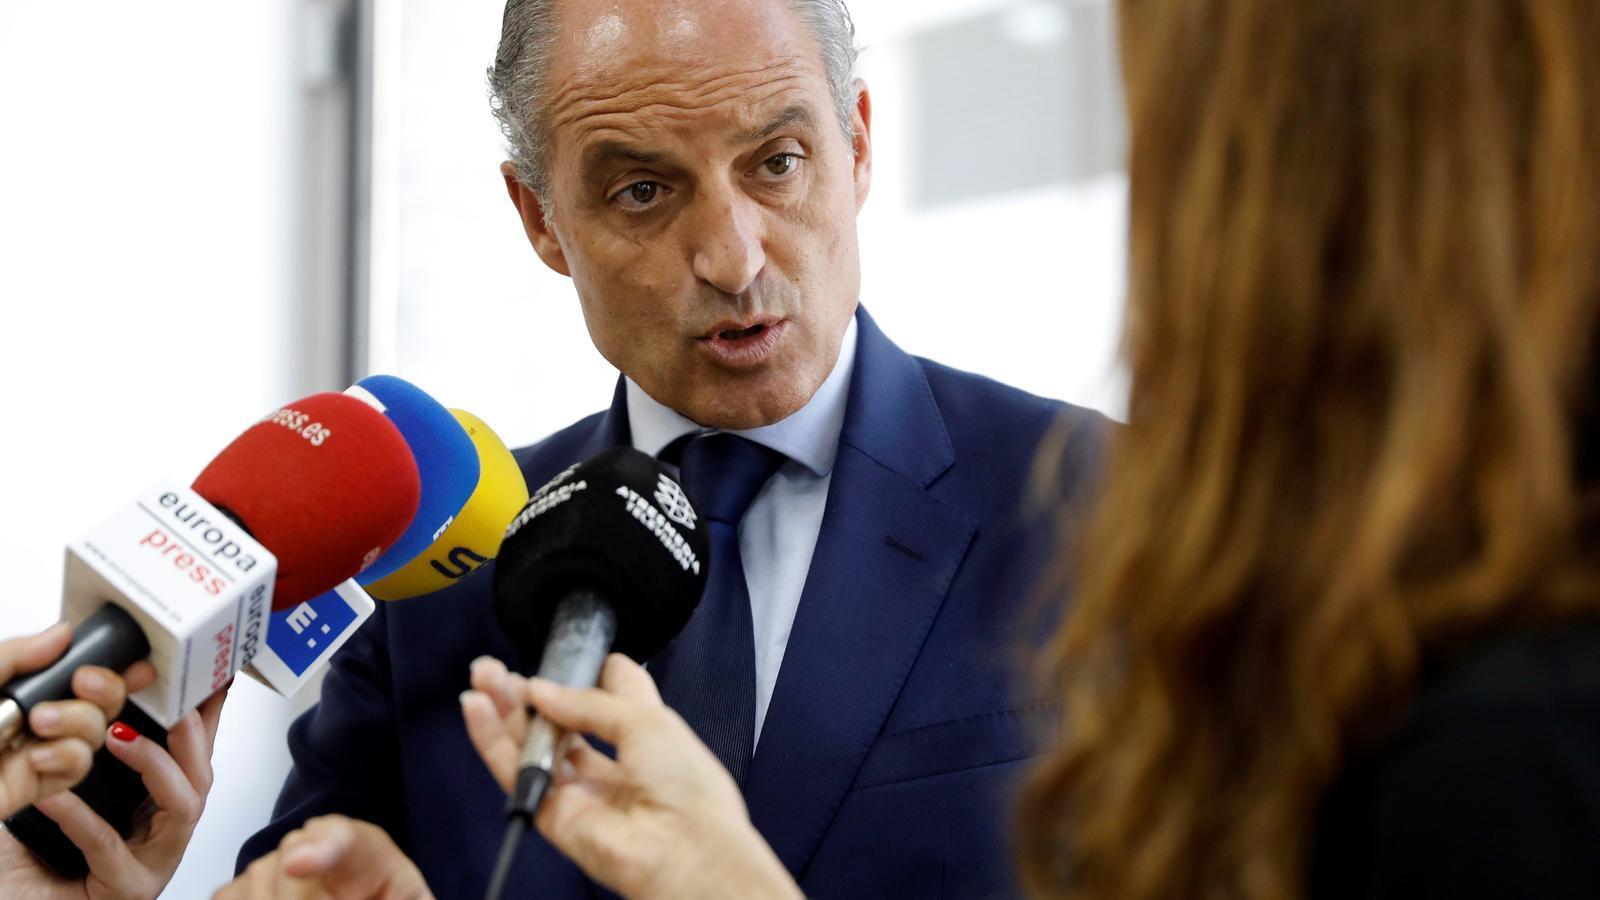 L'expresident valencià, Francisco Camps, valorant la decisió de l'Audiència Nacional d'investigar el seu paper en els contractes amb Orange Market